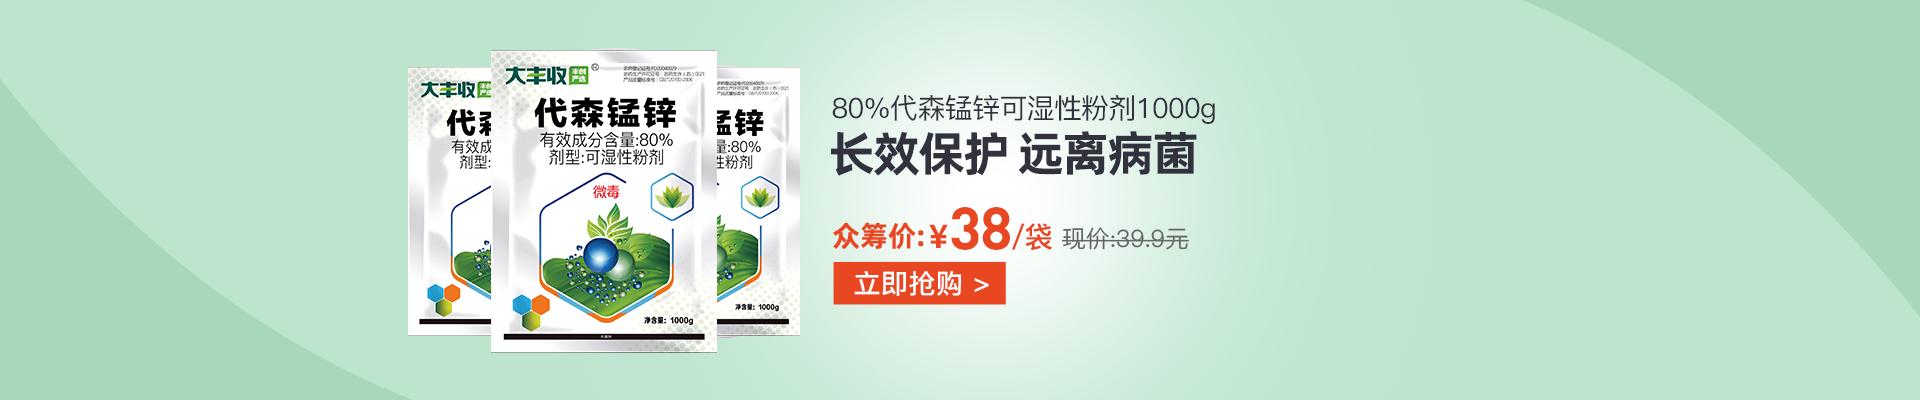 【5月】众筹-【丰创严选】80%代森锰锌可湿性粉剂1000g1000g*10袋